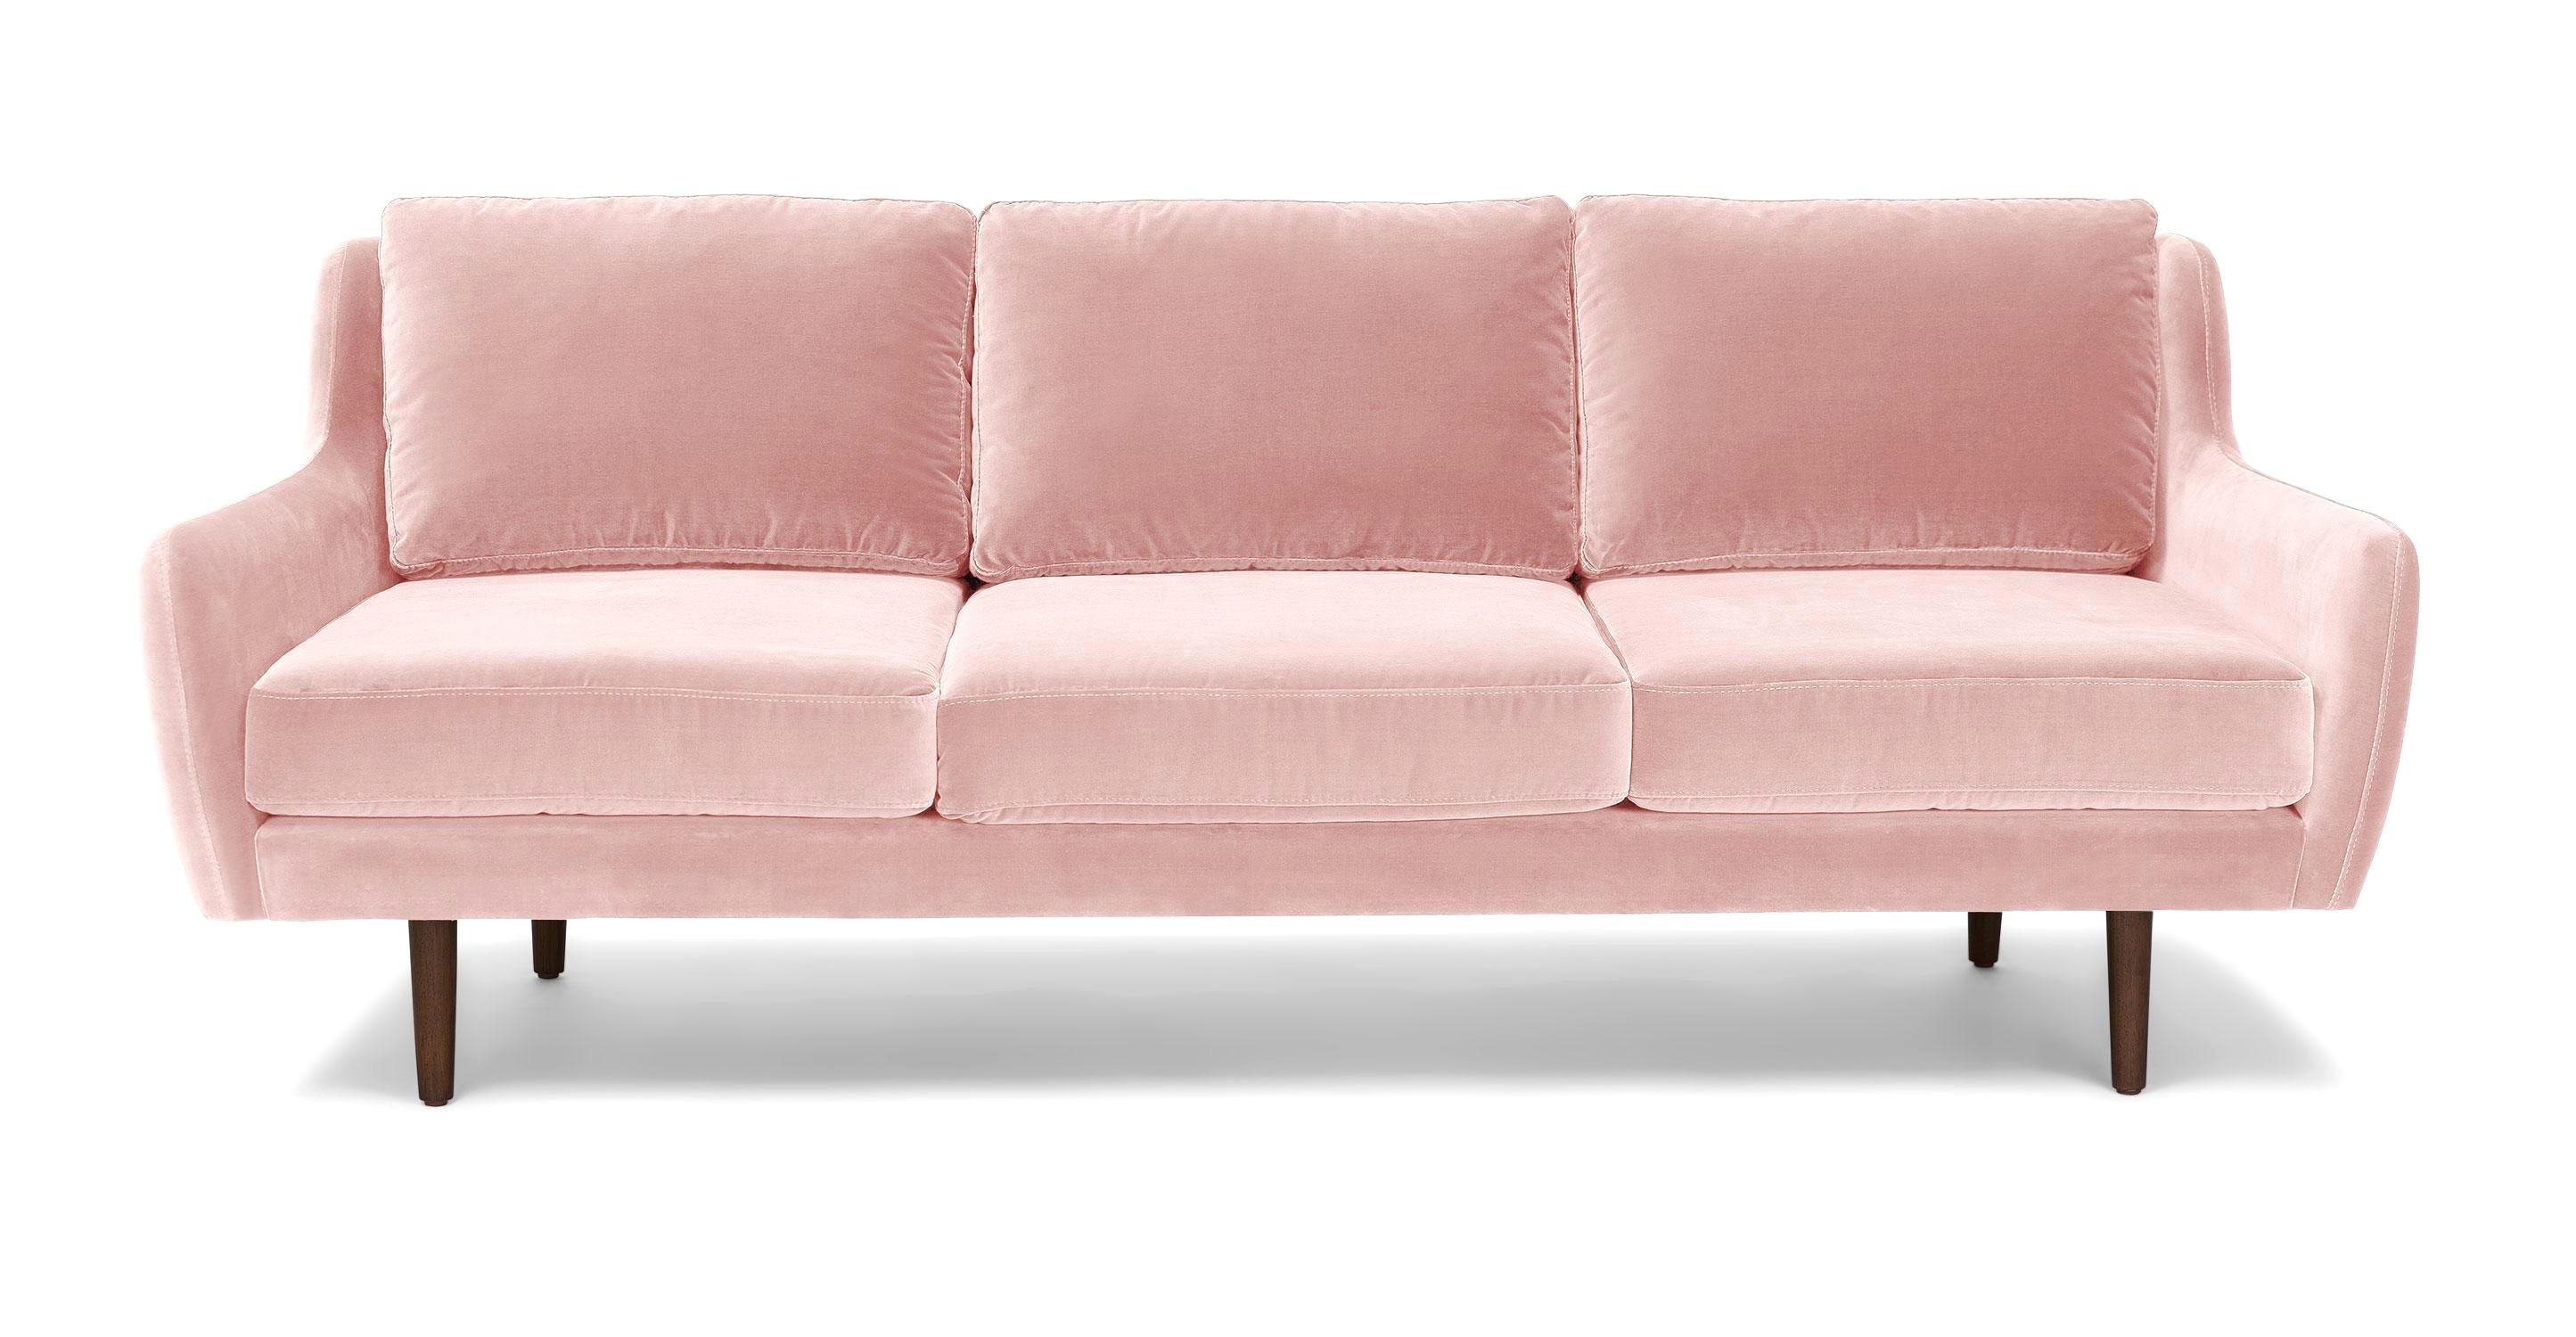 Extra Long sofa Slipcover 50 Fresh sofa Cover Cloth Graphics 50 Photos Home Improvement